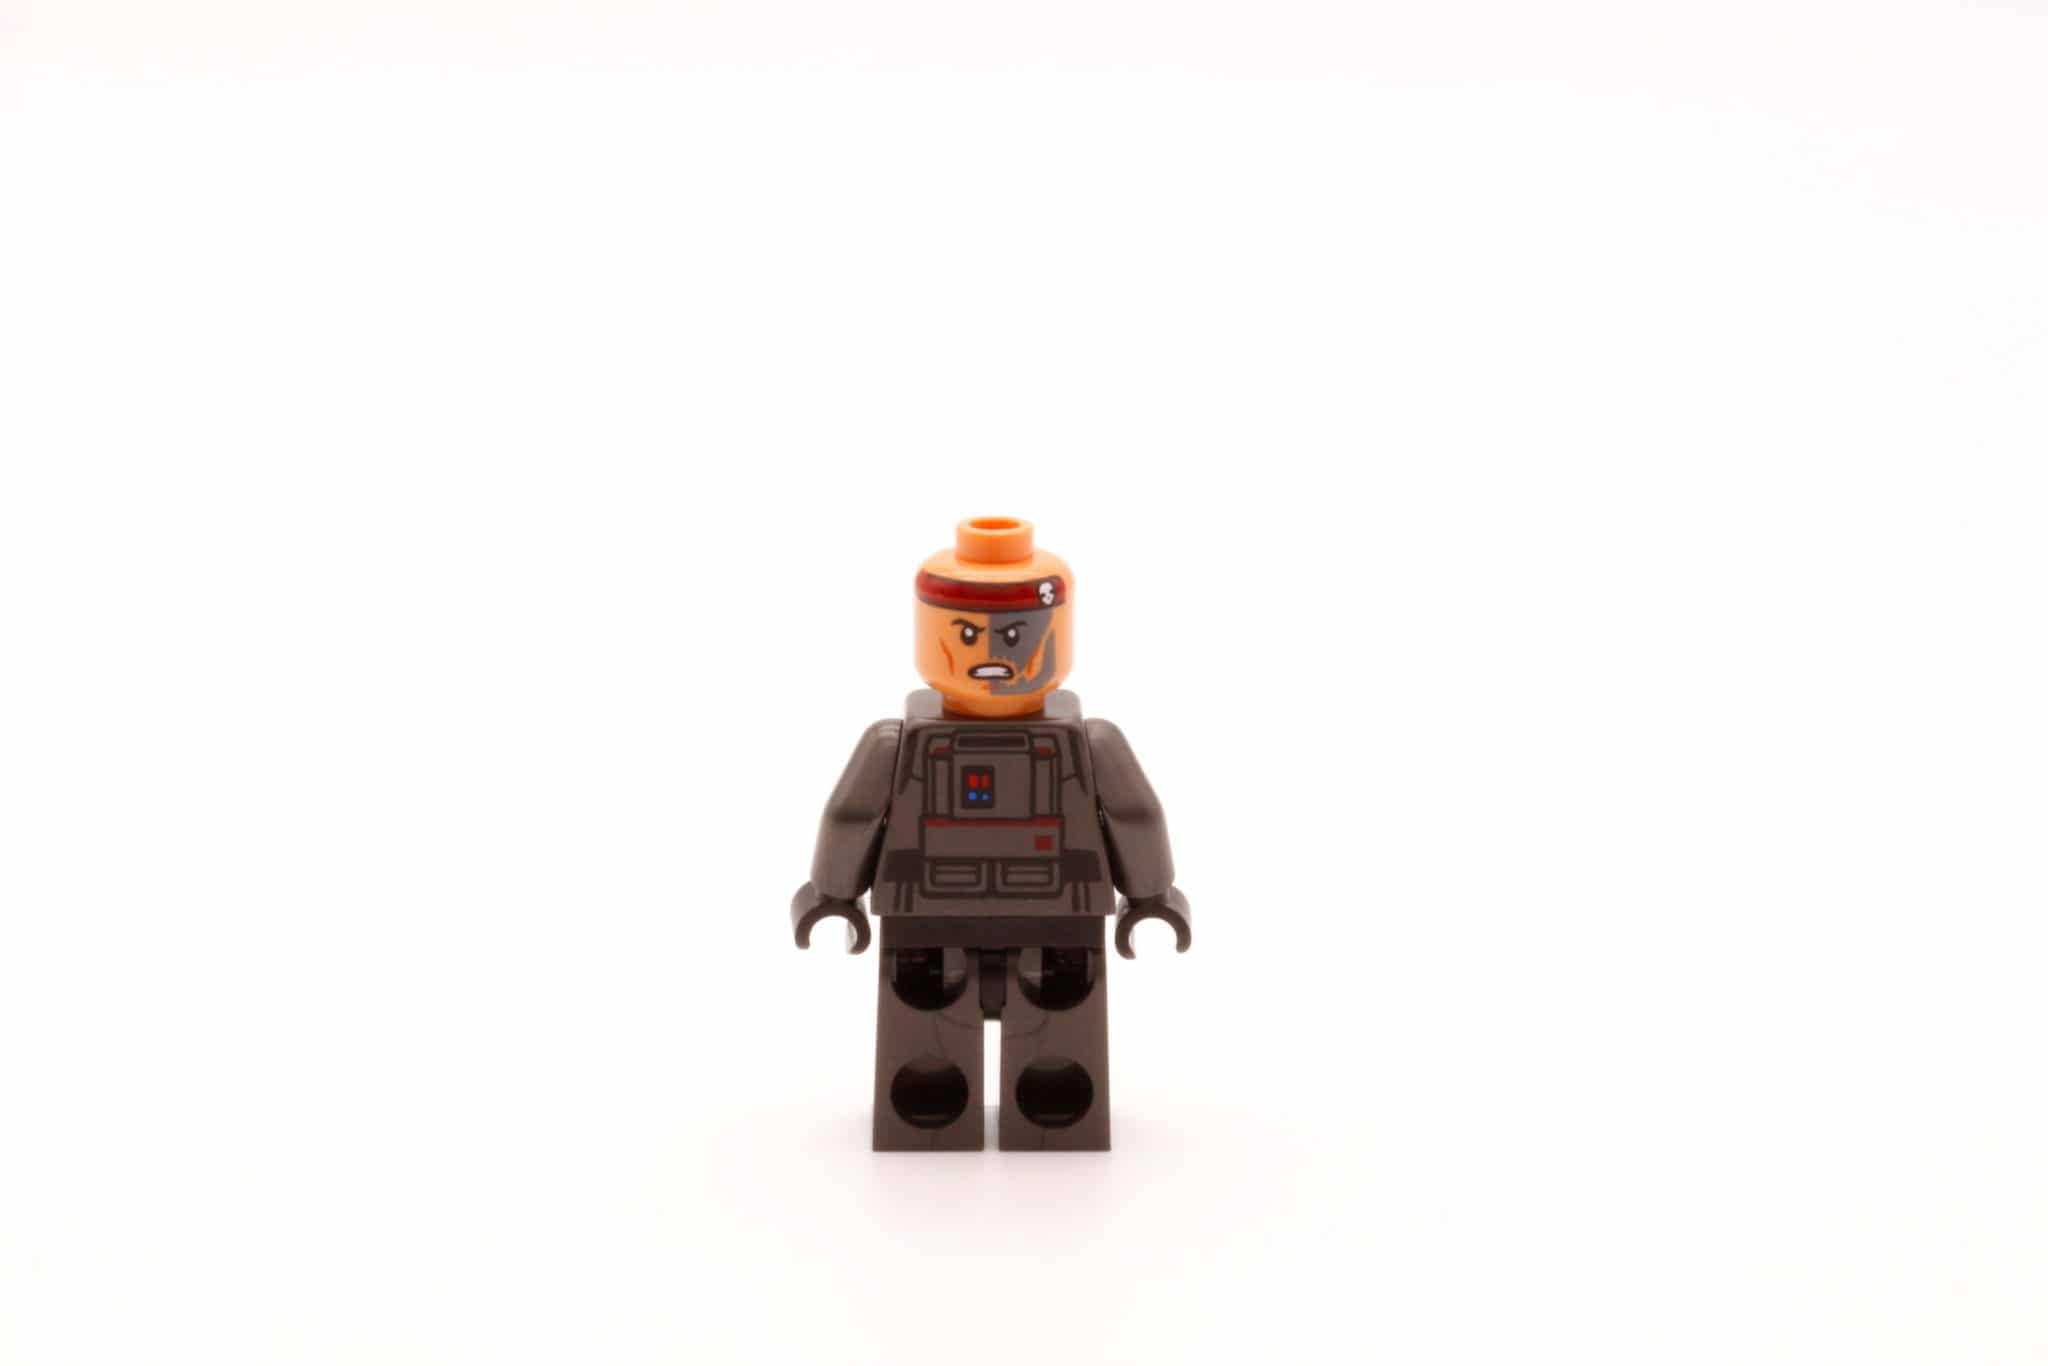 LEGO Star Wars 75314 The Bad Batch Attack Shuttle Hunter Wendegesicht